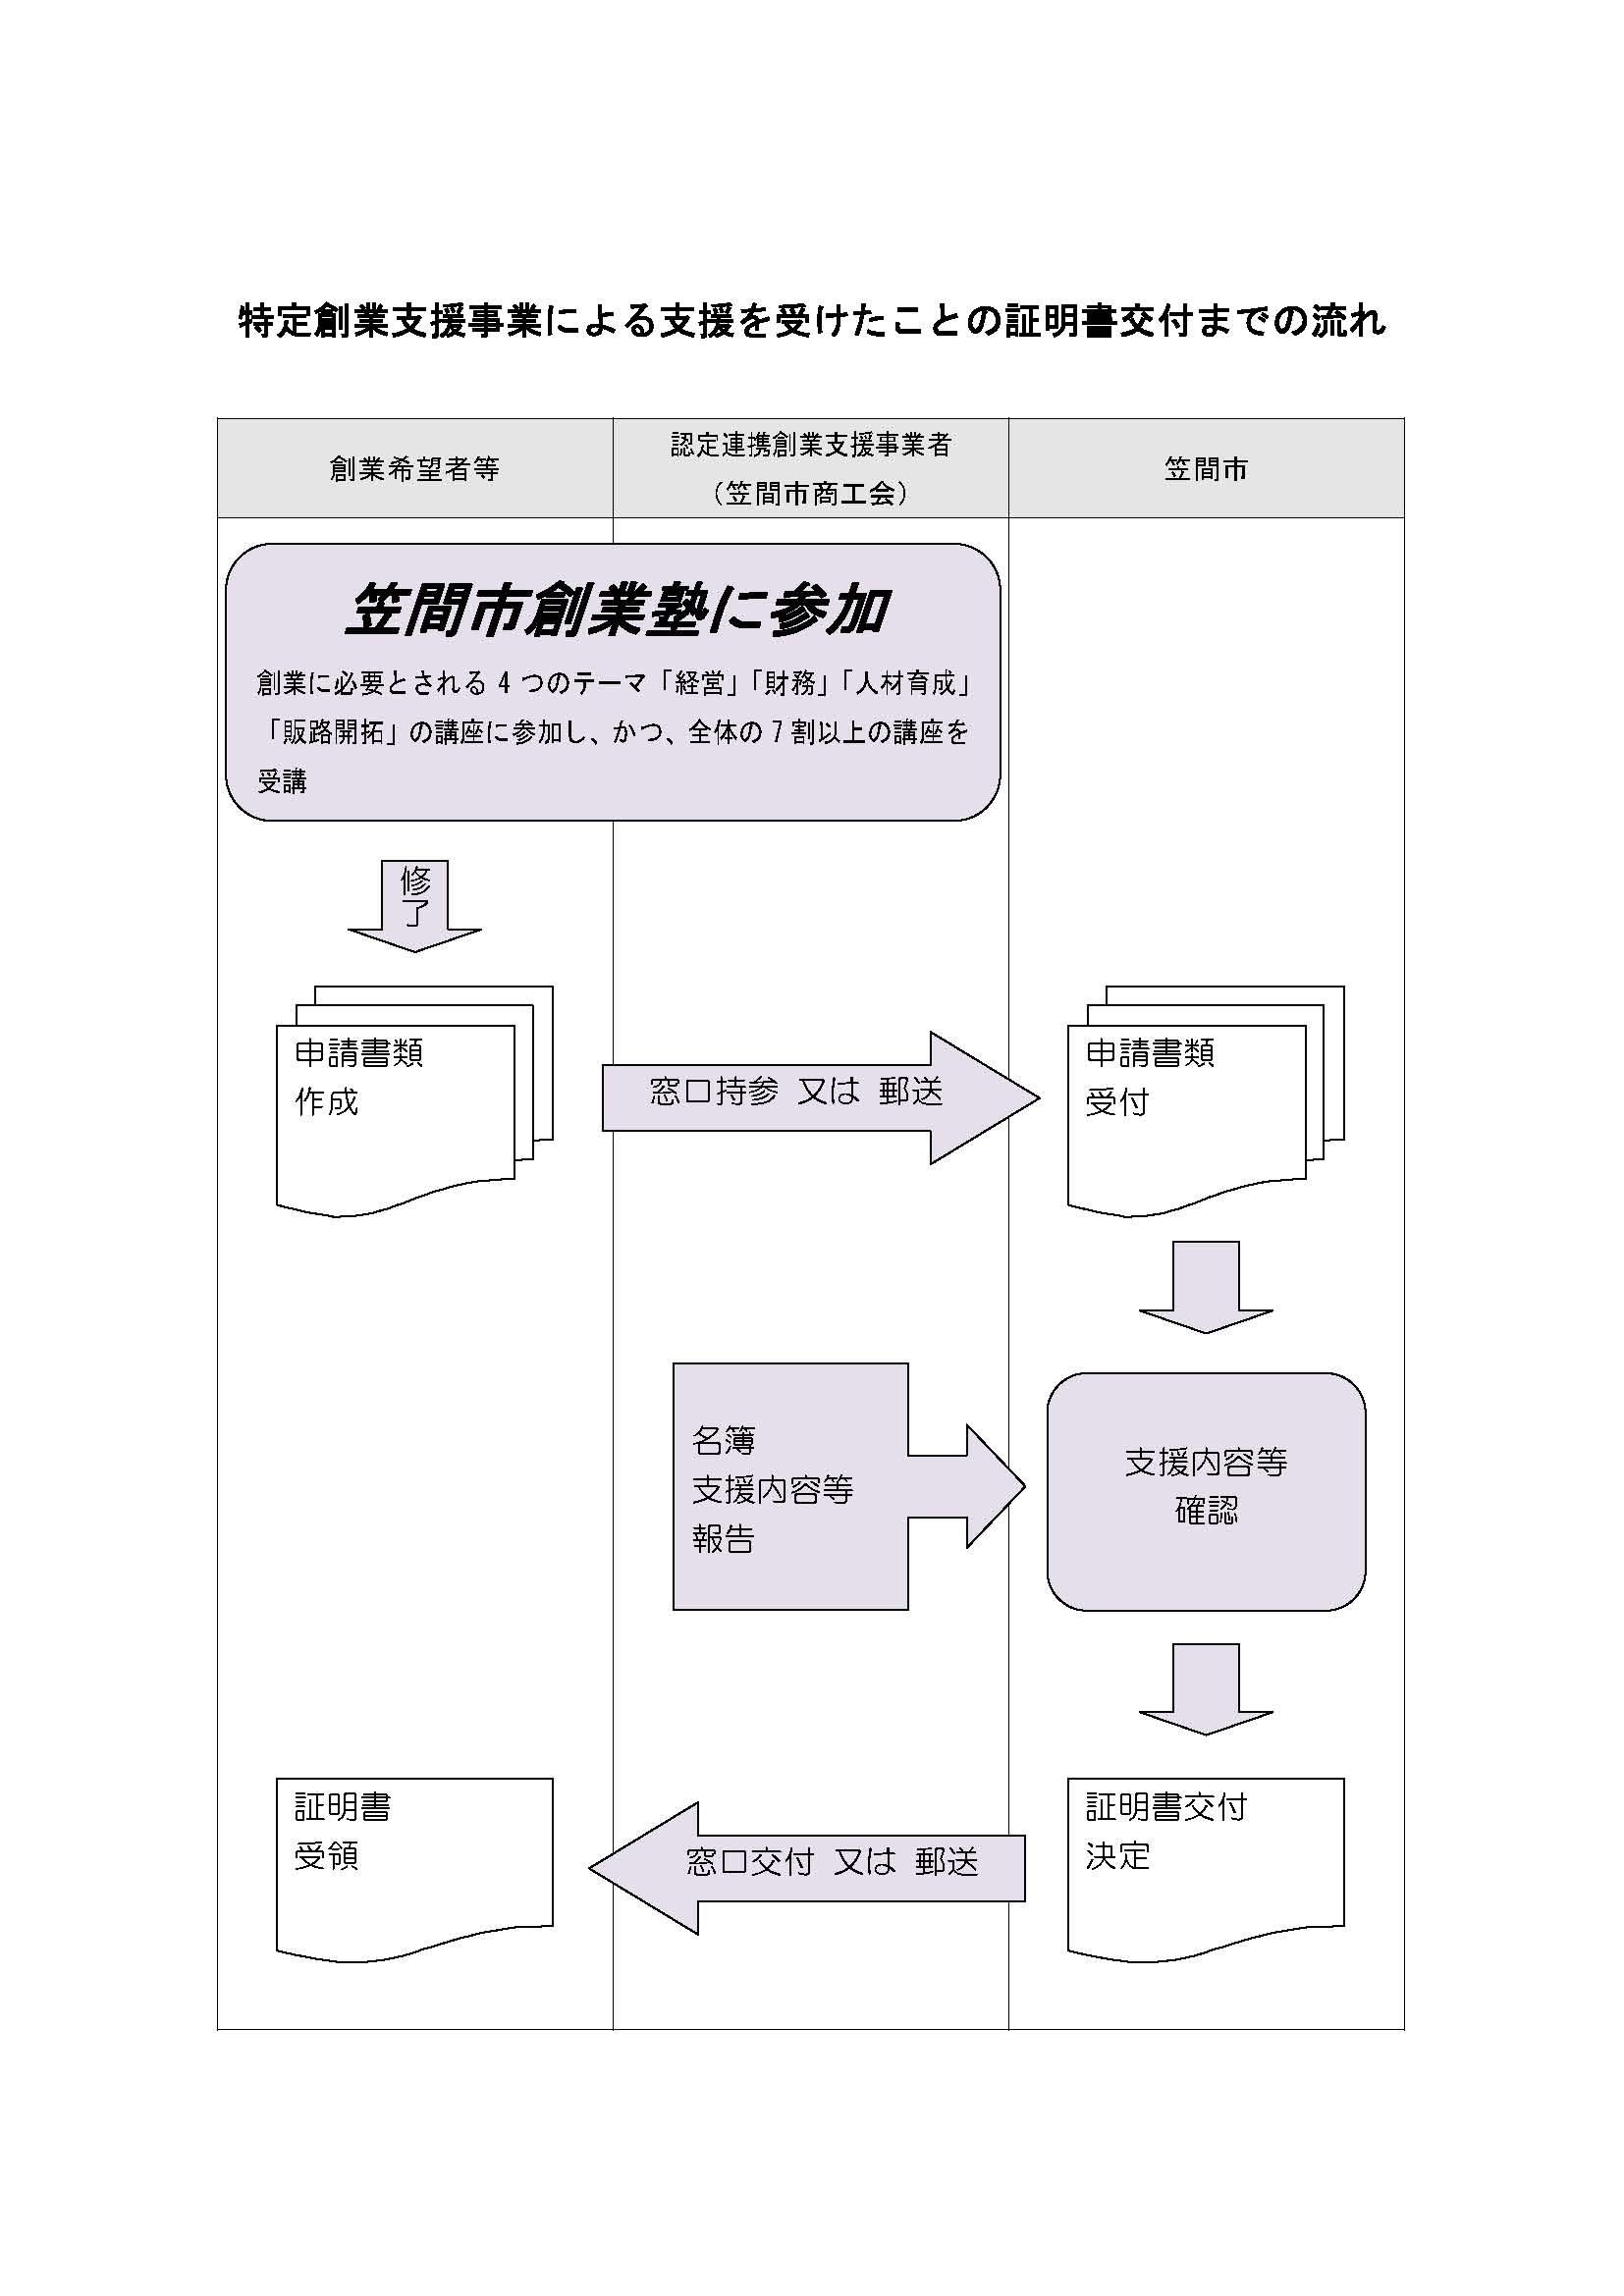 『『証明書の申請手続について(流れ)』の画像』の画像